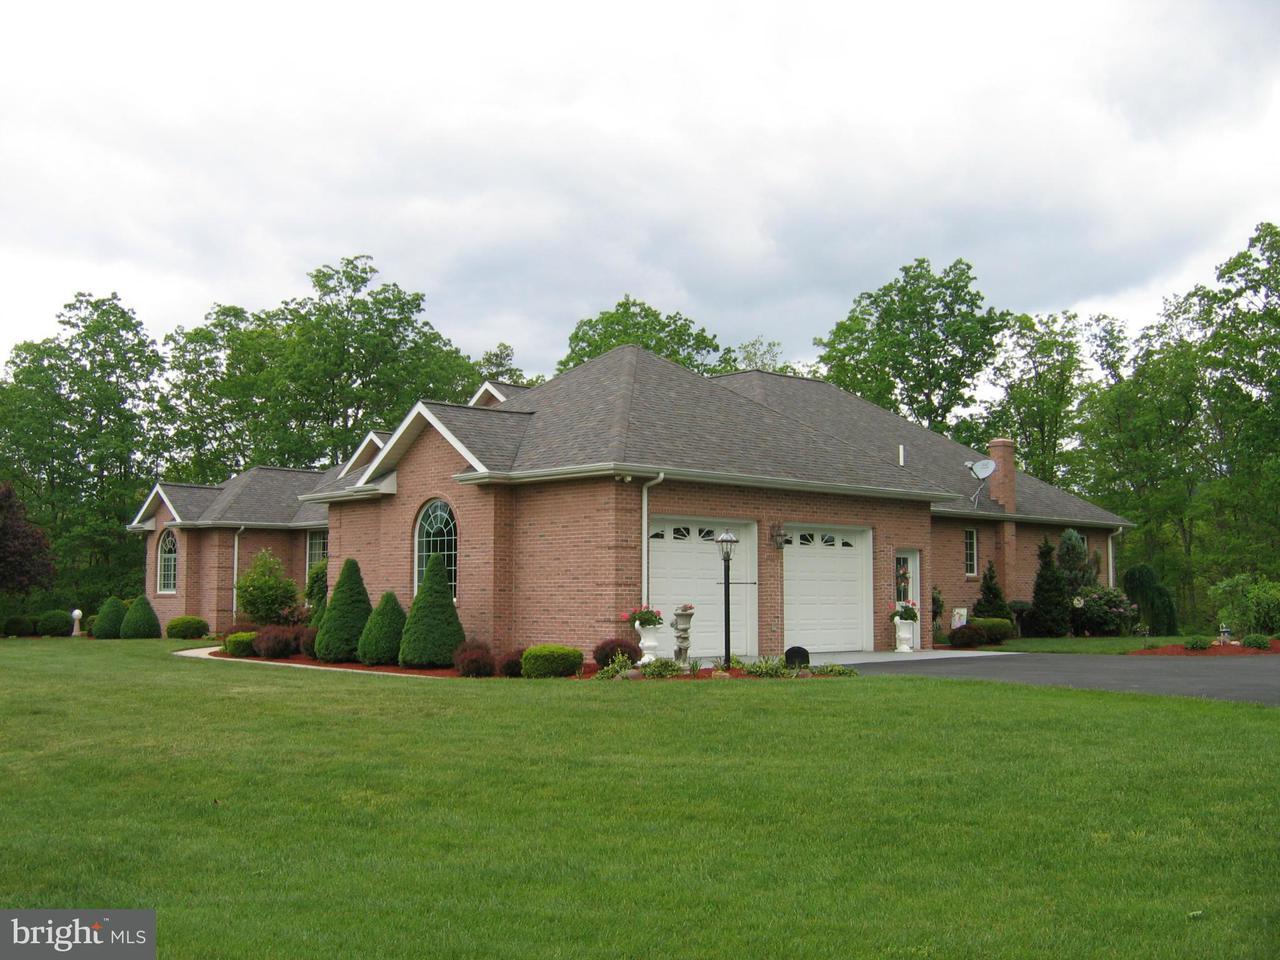 Single Family for Sale at 17501 Bel Vista Dr Oldtown, Maryland 21555 United States